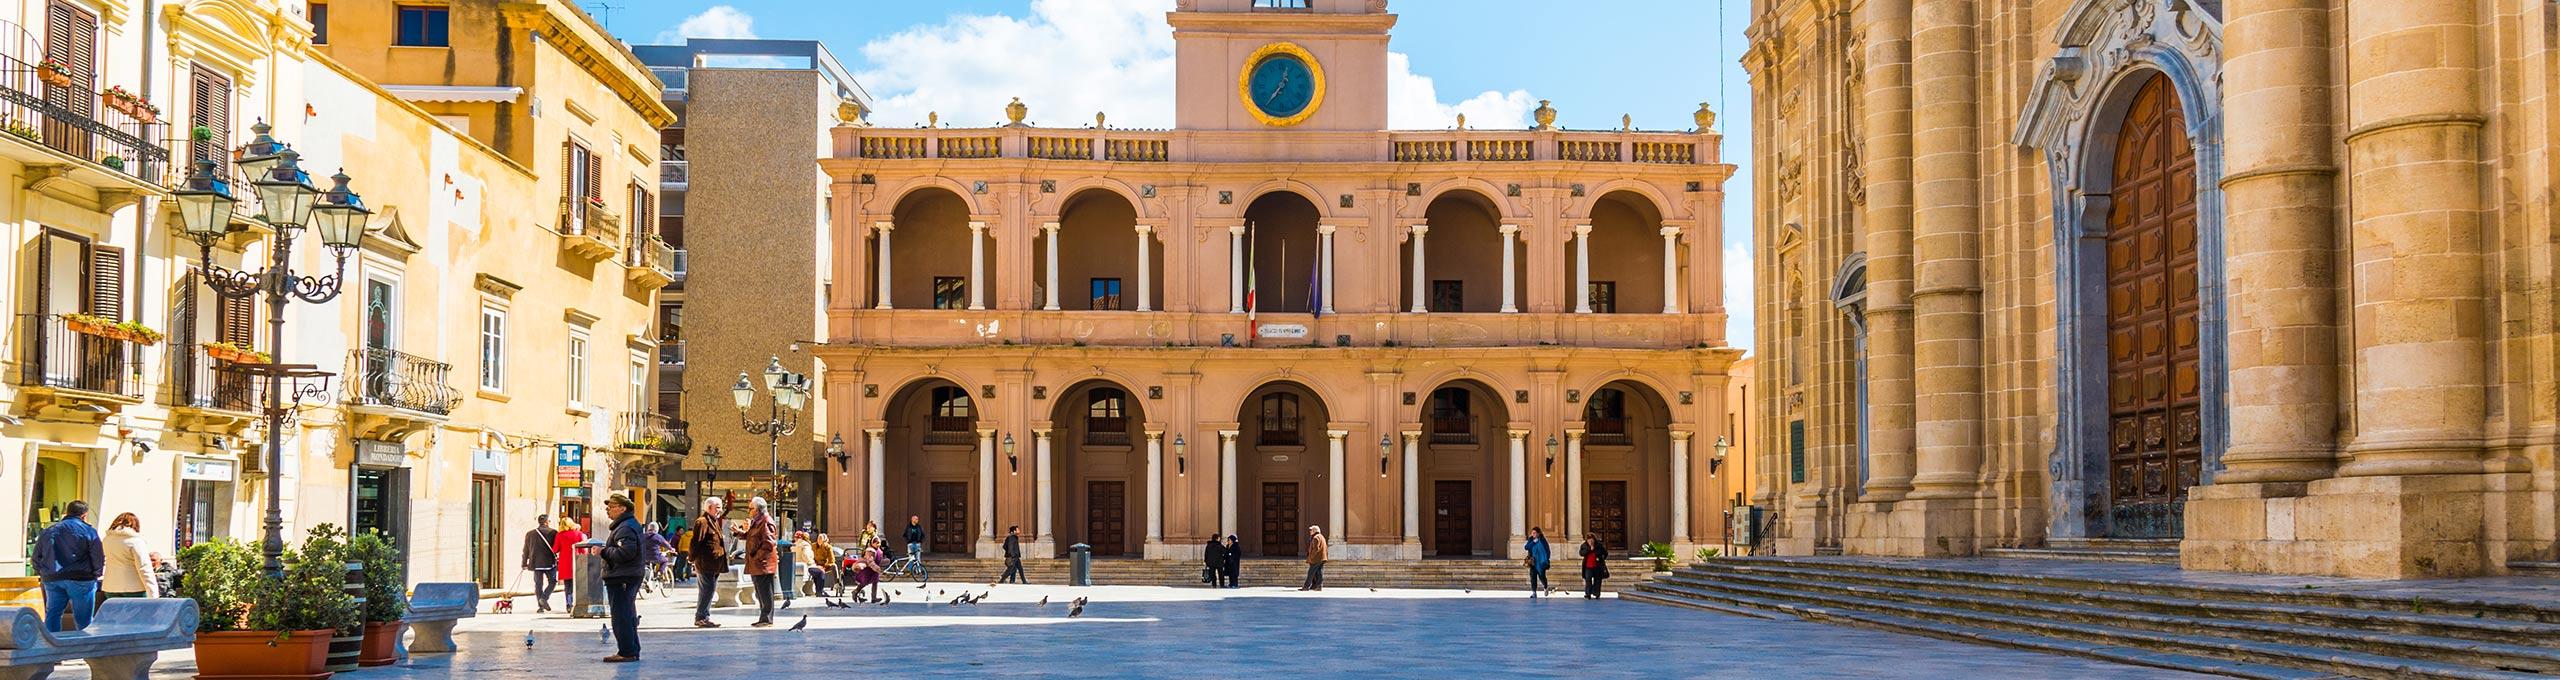 Marsala, Piazza della Repubblica